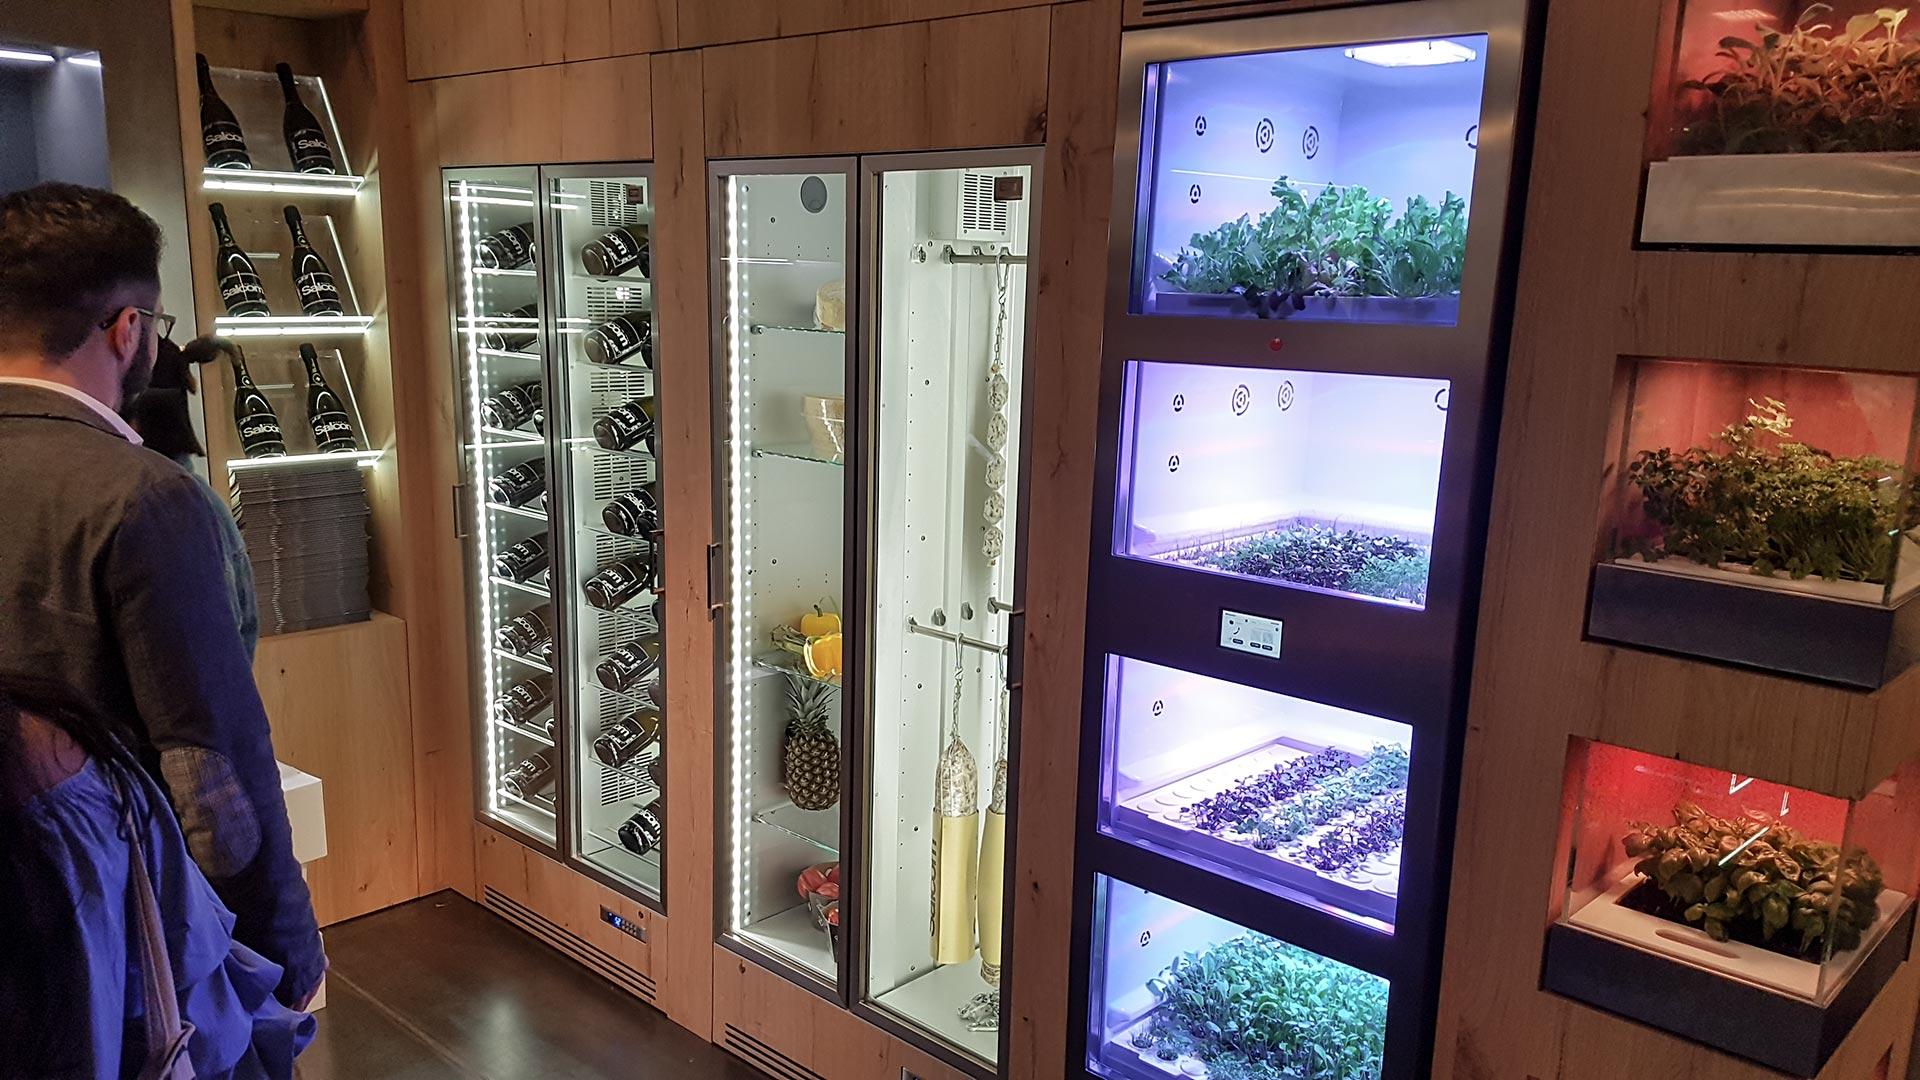 Weinklimaschrank, Kühlschrank, Fleischreifeschrank und Gewächshaus für die heimische Küche. Gastronomie-Qualität für zu Hause.